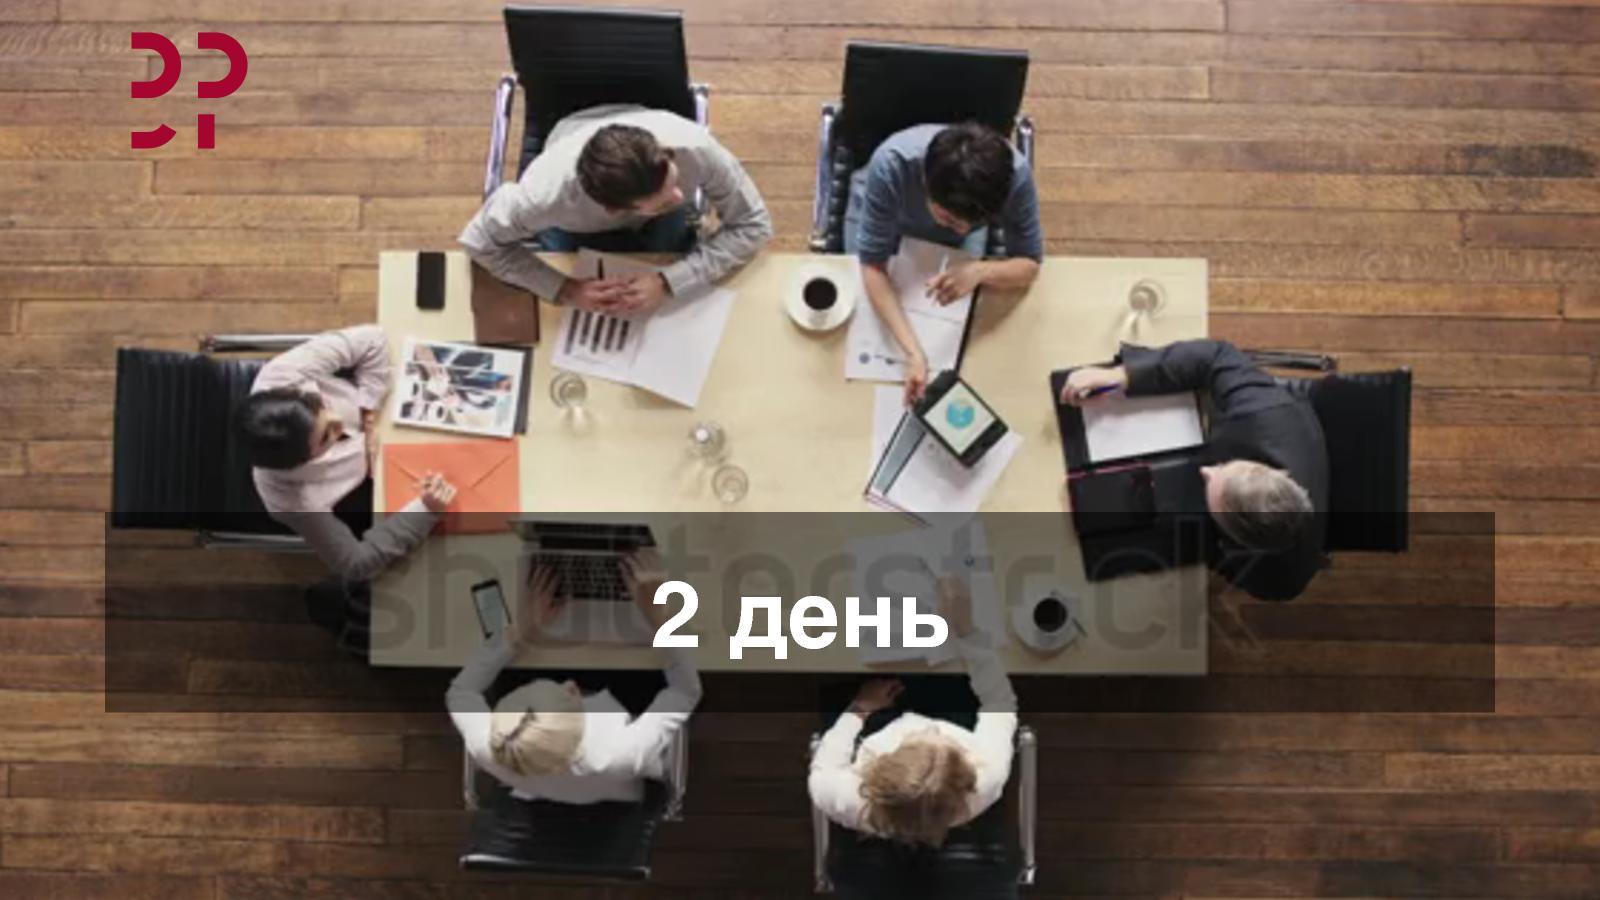 Day 2 1_Анализ аудитории _ Инсайт.